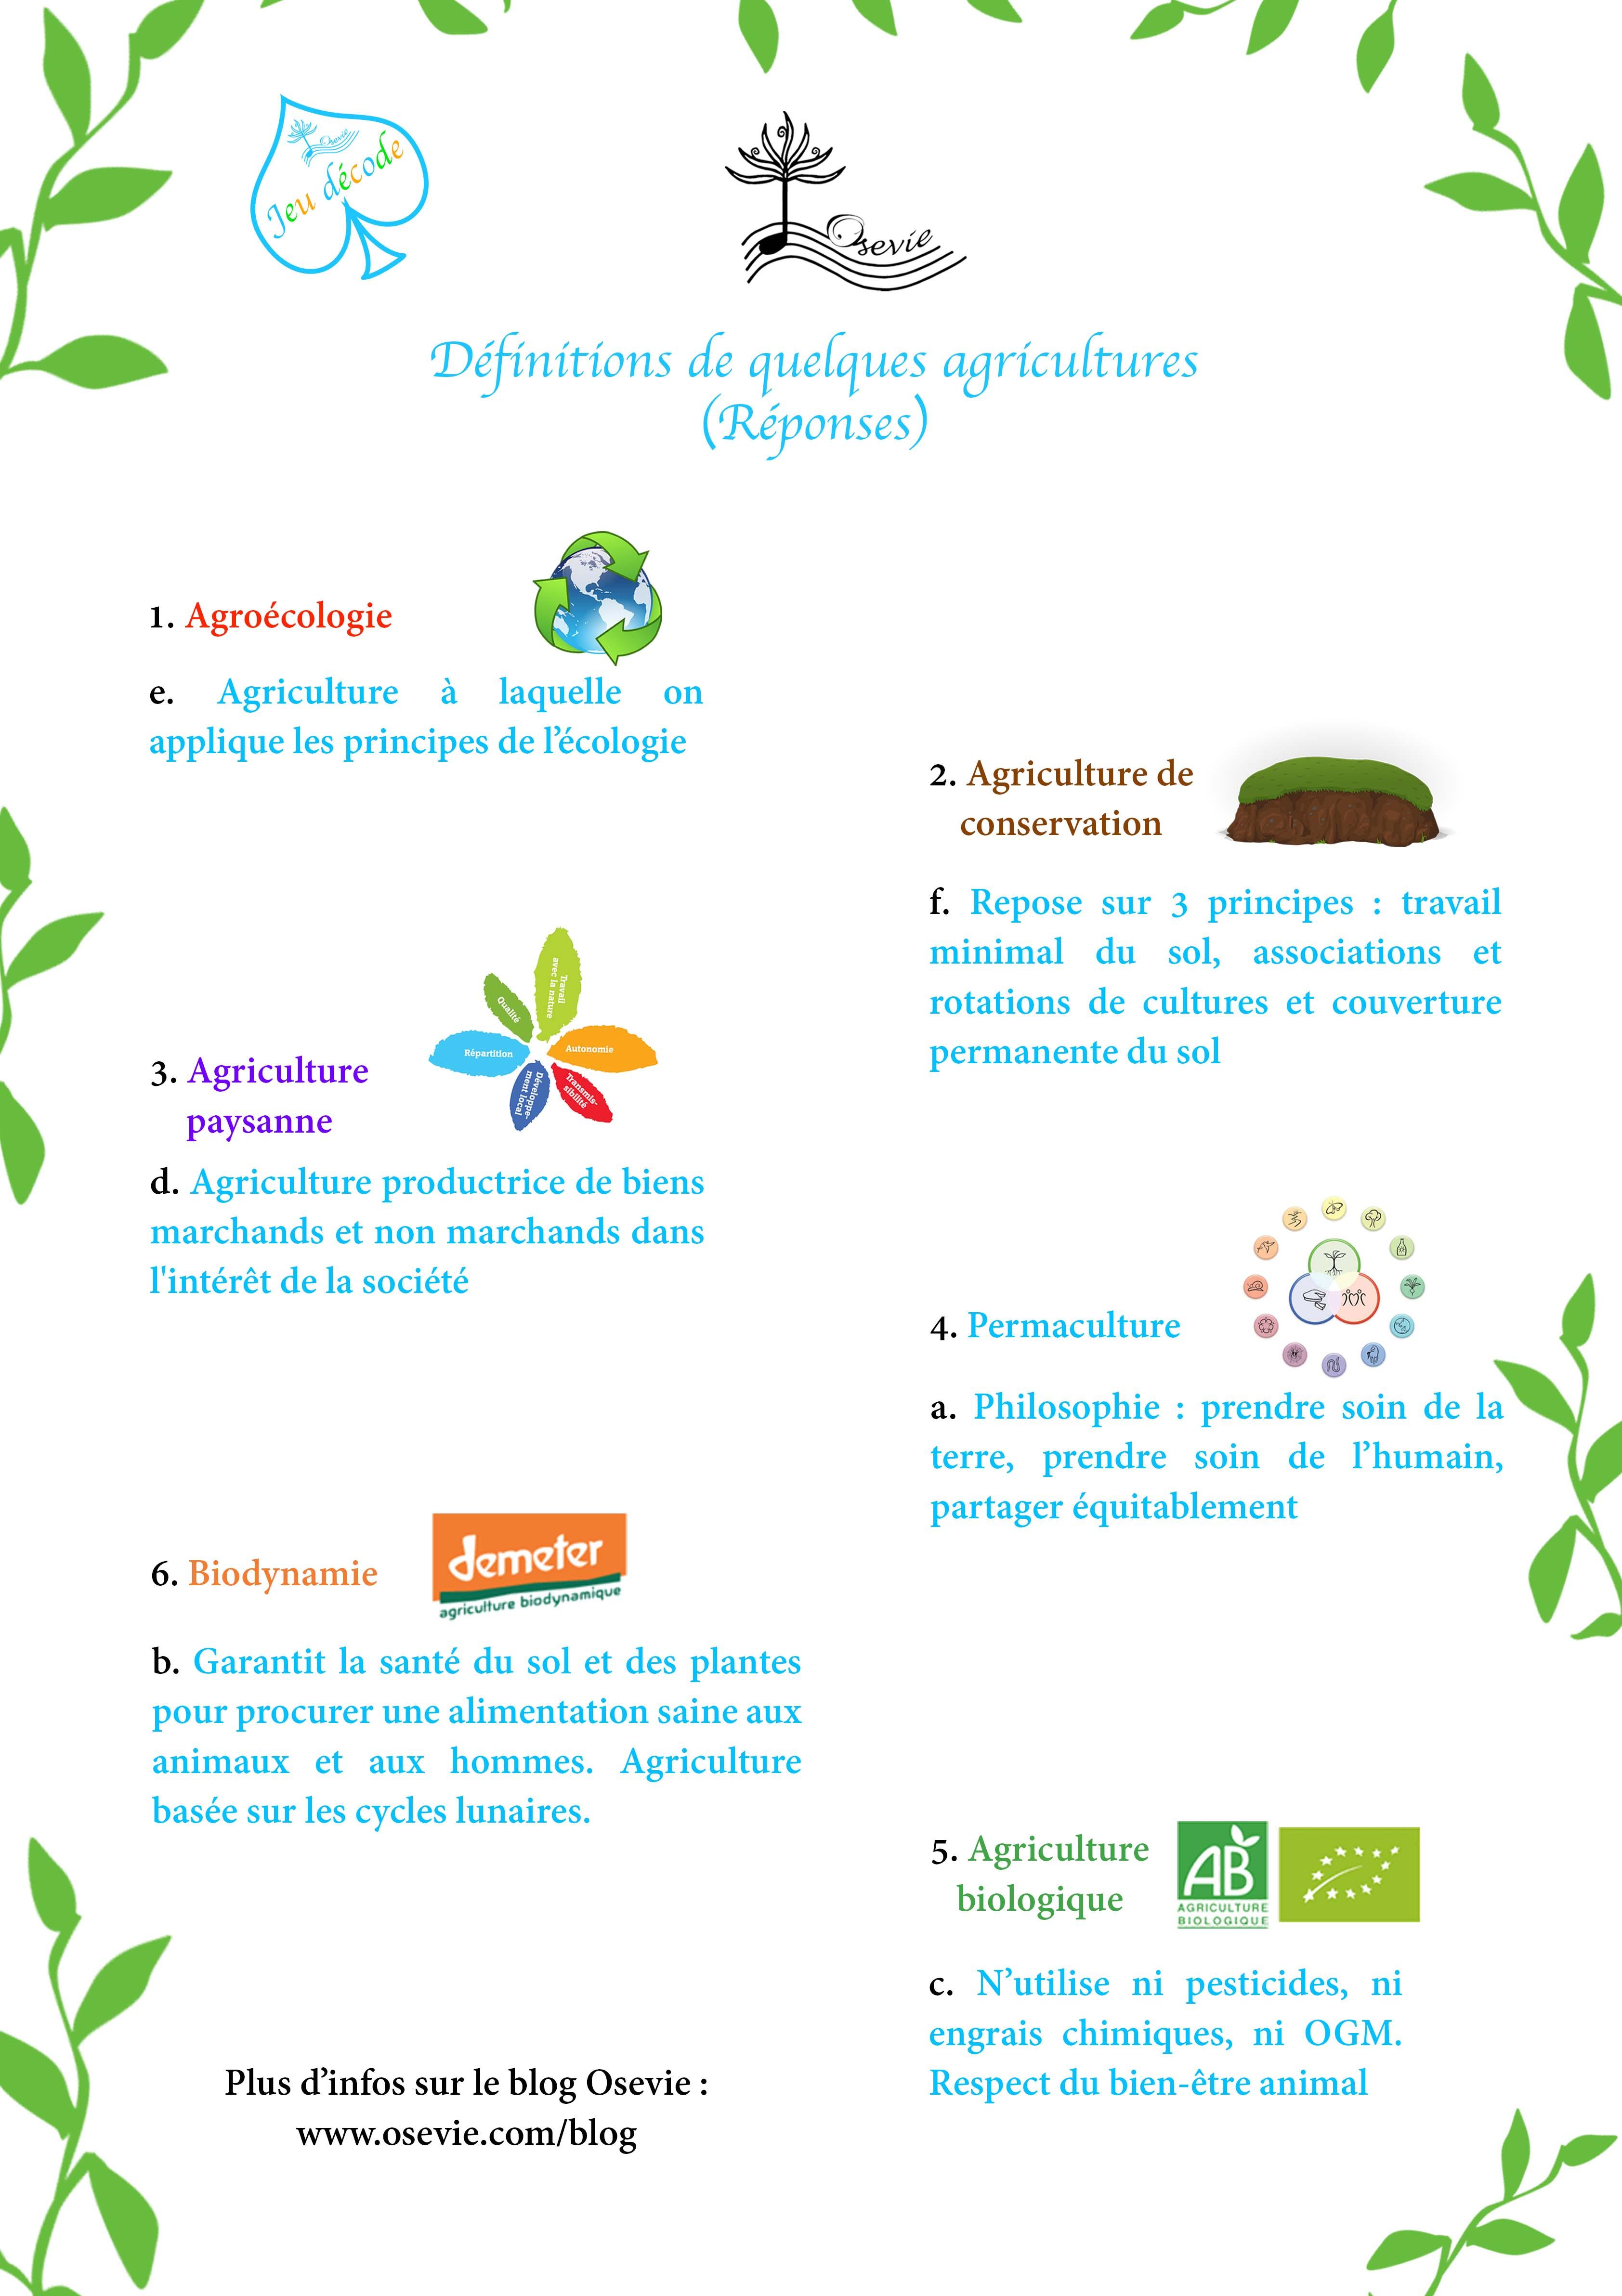 Agricultures rép.jpg